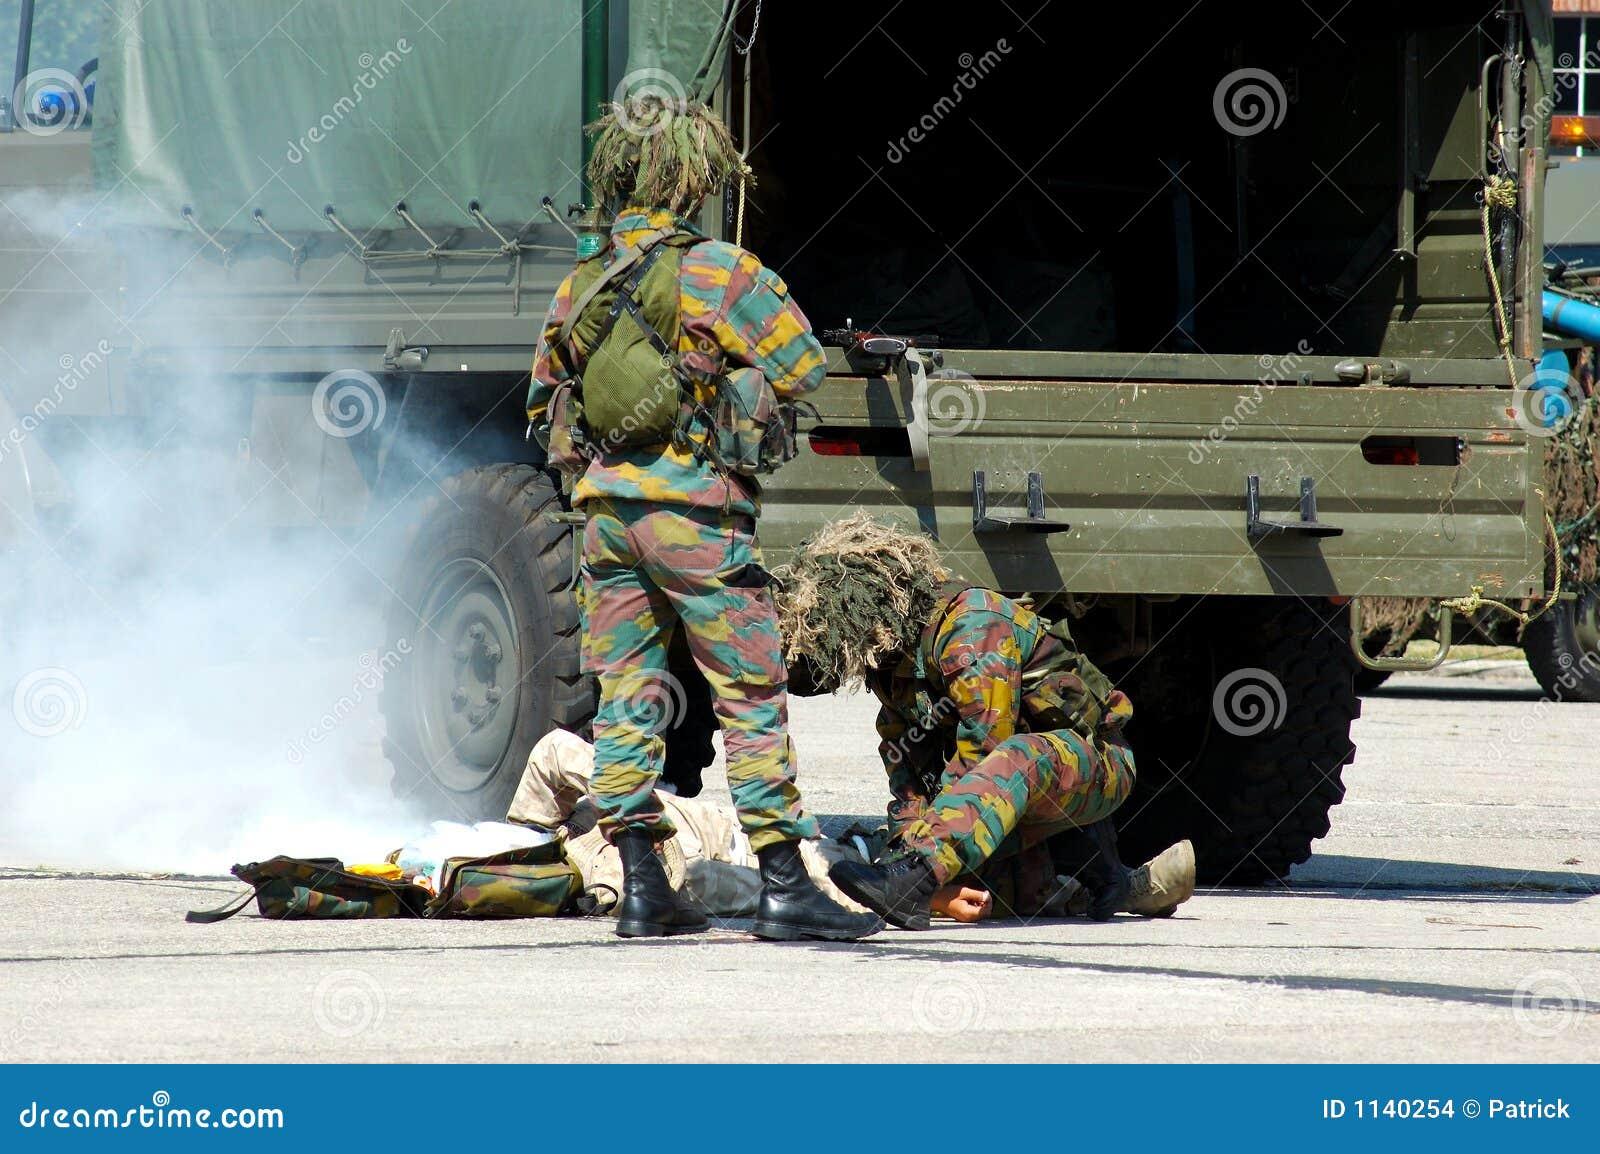 Intervention militaire, soldat blessé.